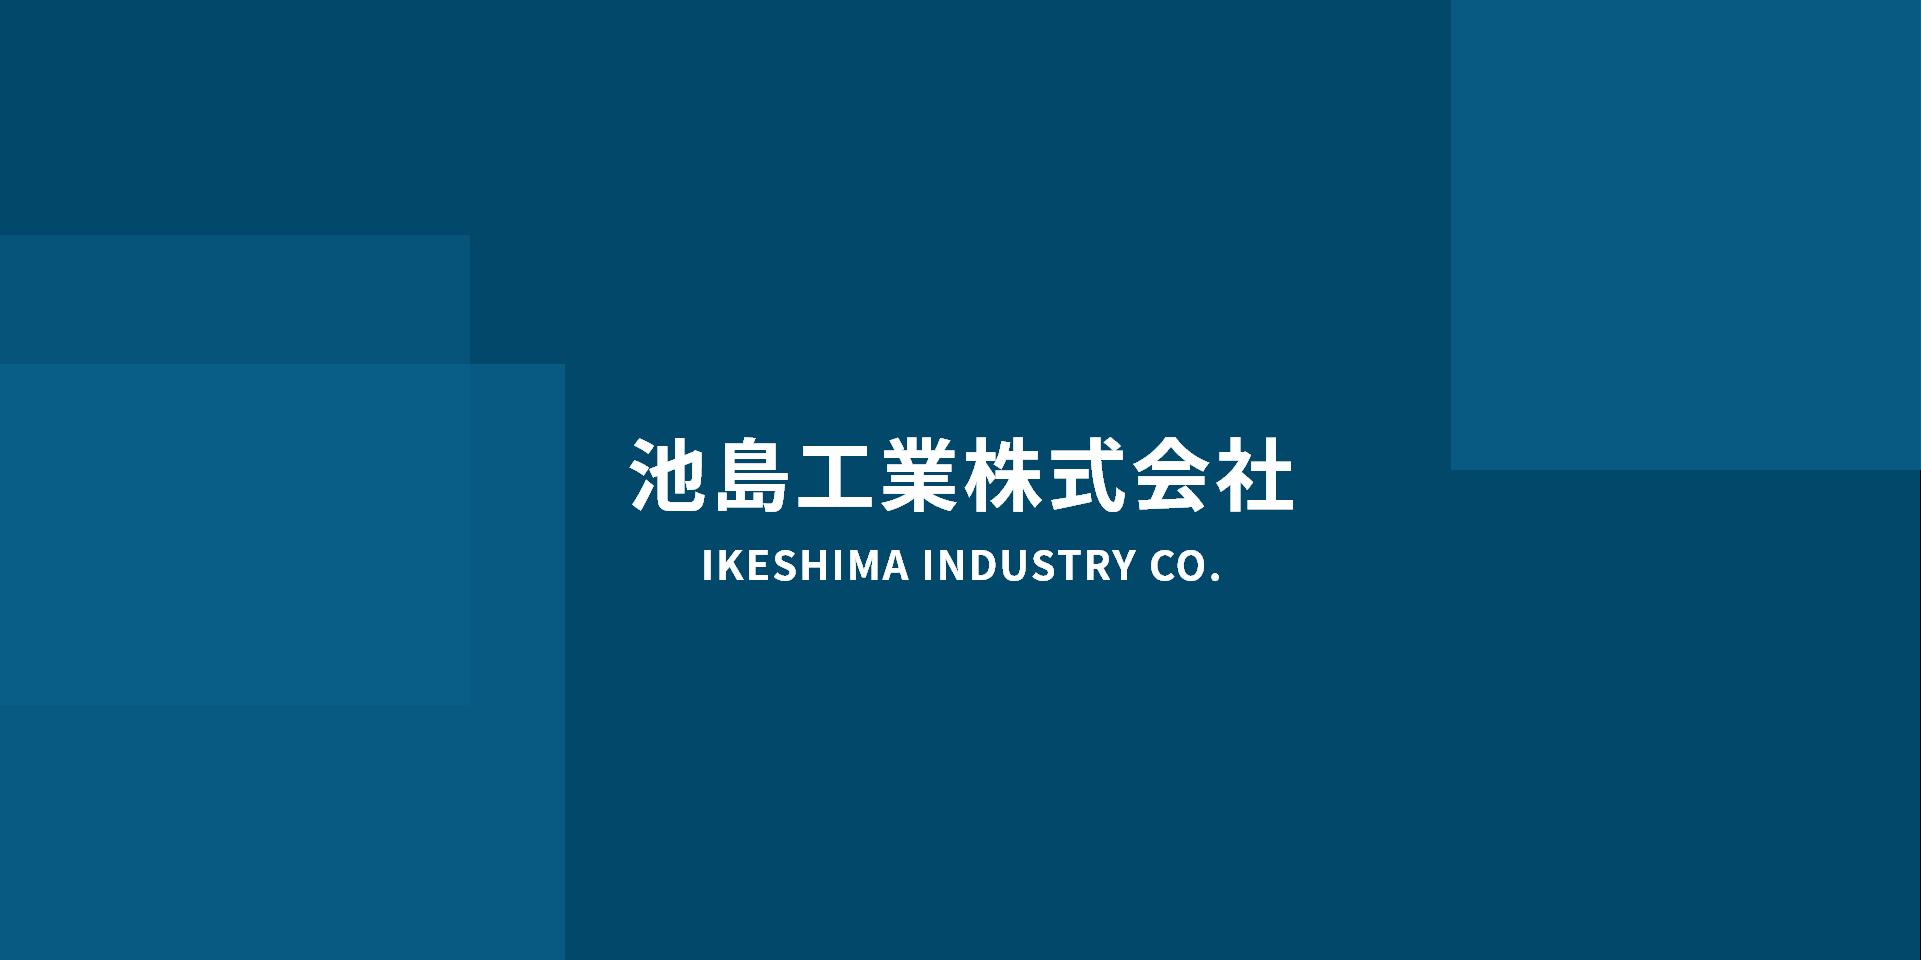 池島工業株式会社